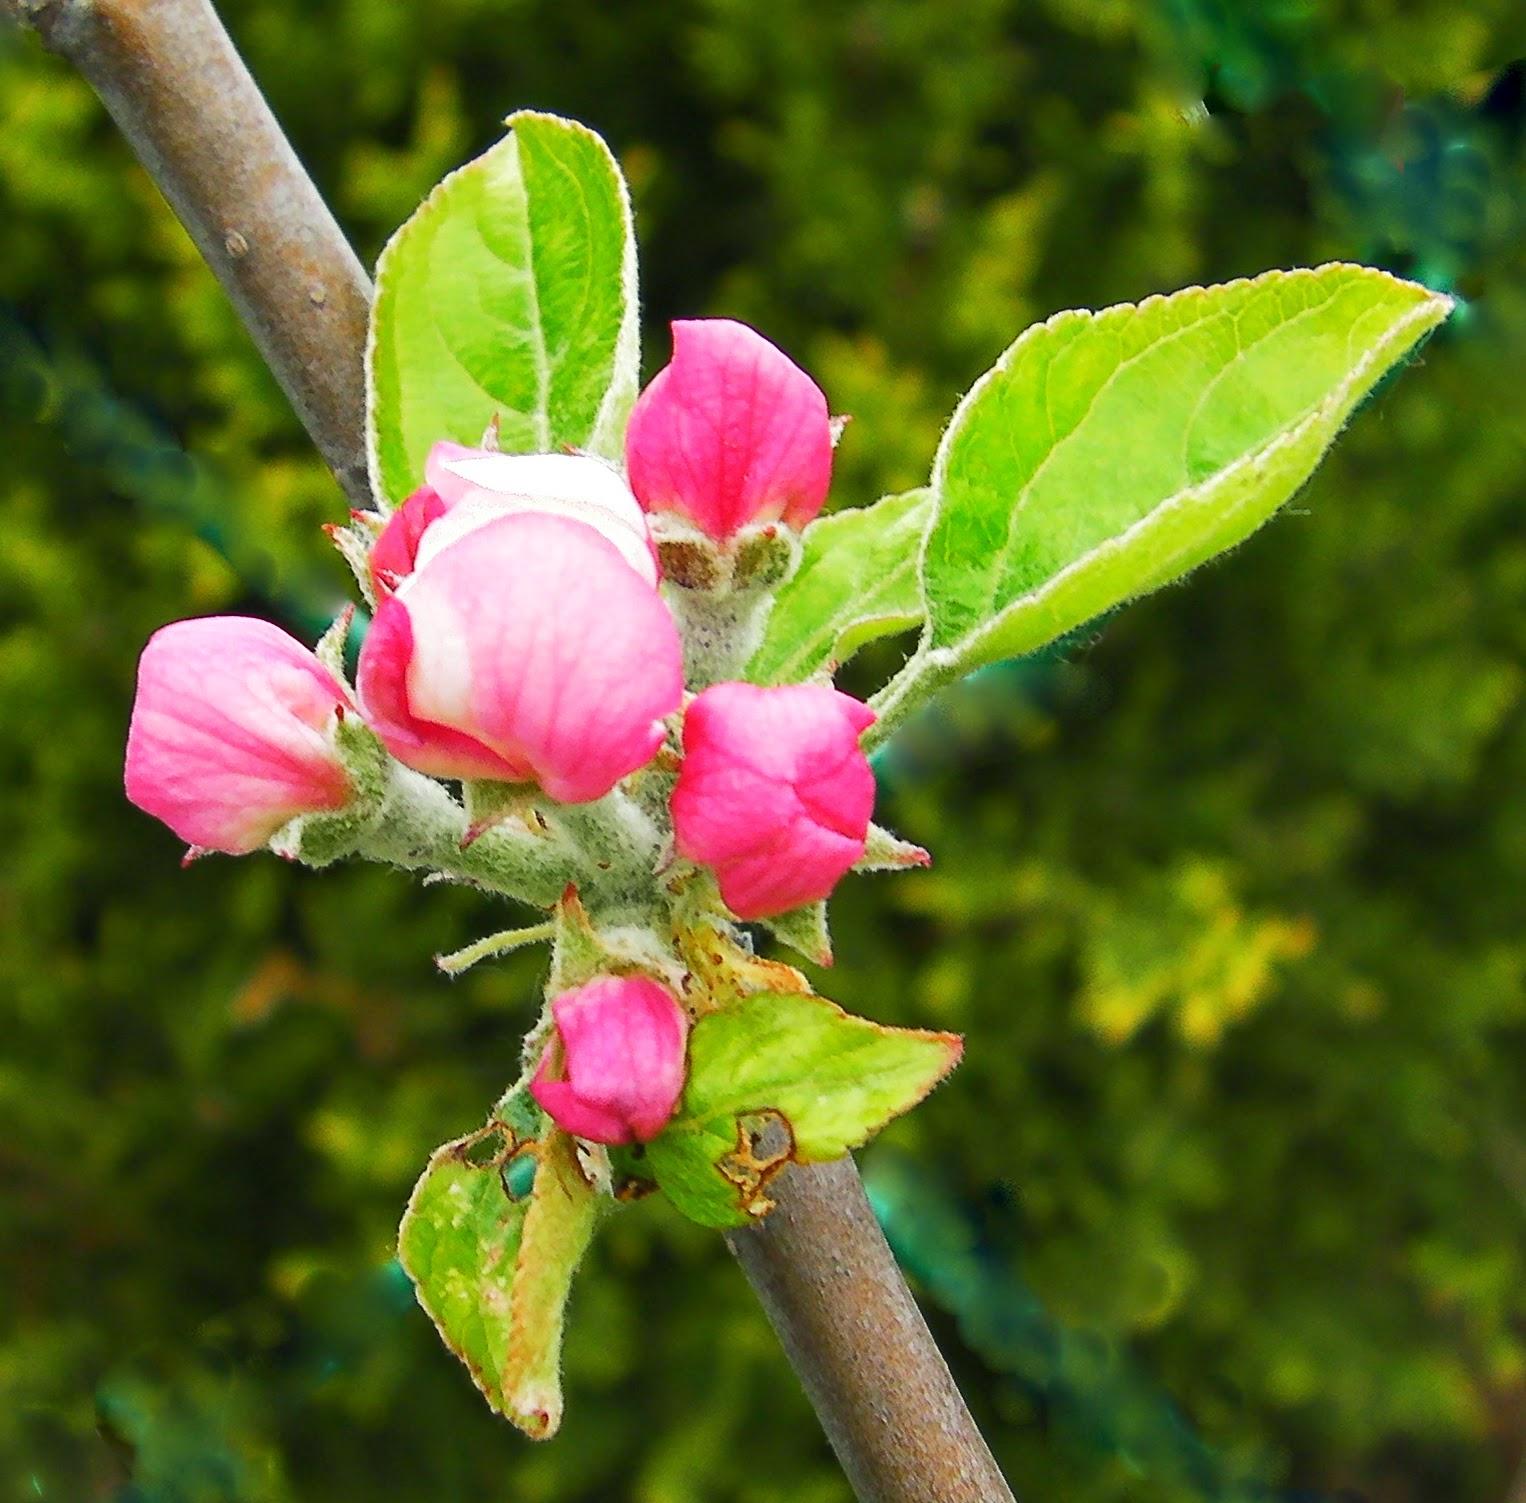 Les secrets de la taille et de la greffe des arbres - Taille des hortensias fleurs ...